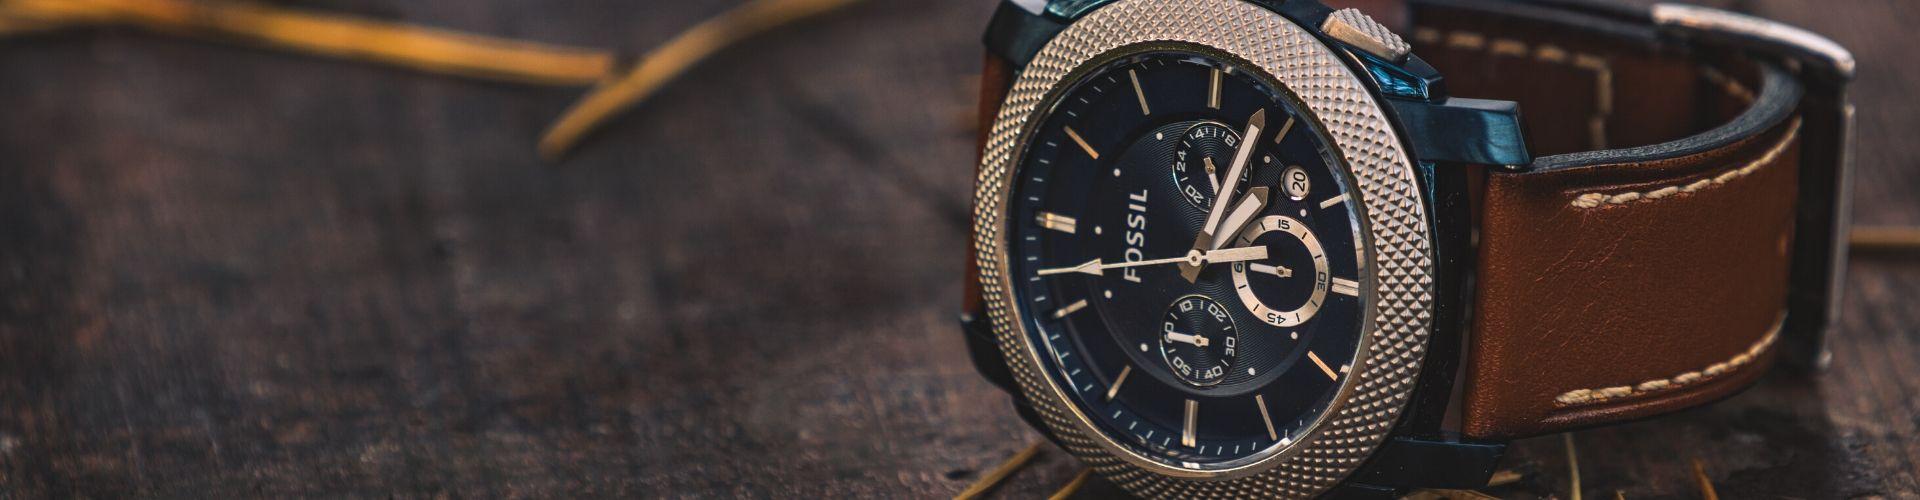 Uhren -Preise vergleichen und online kaufen